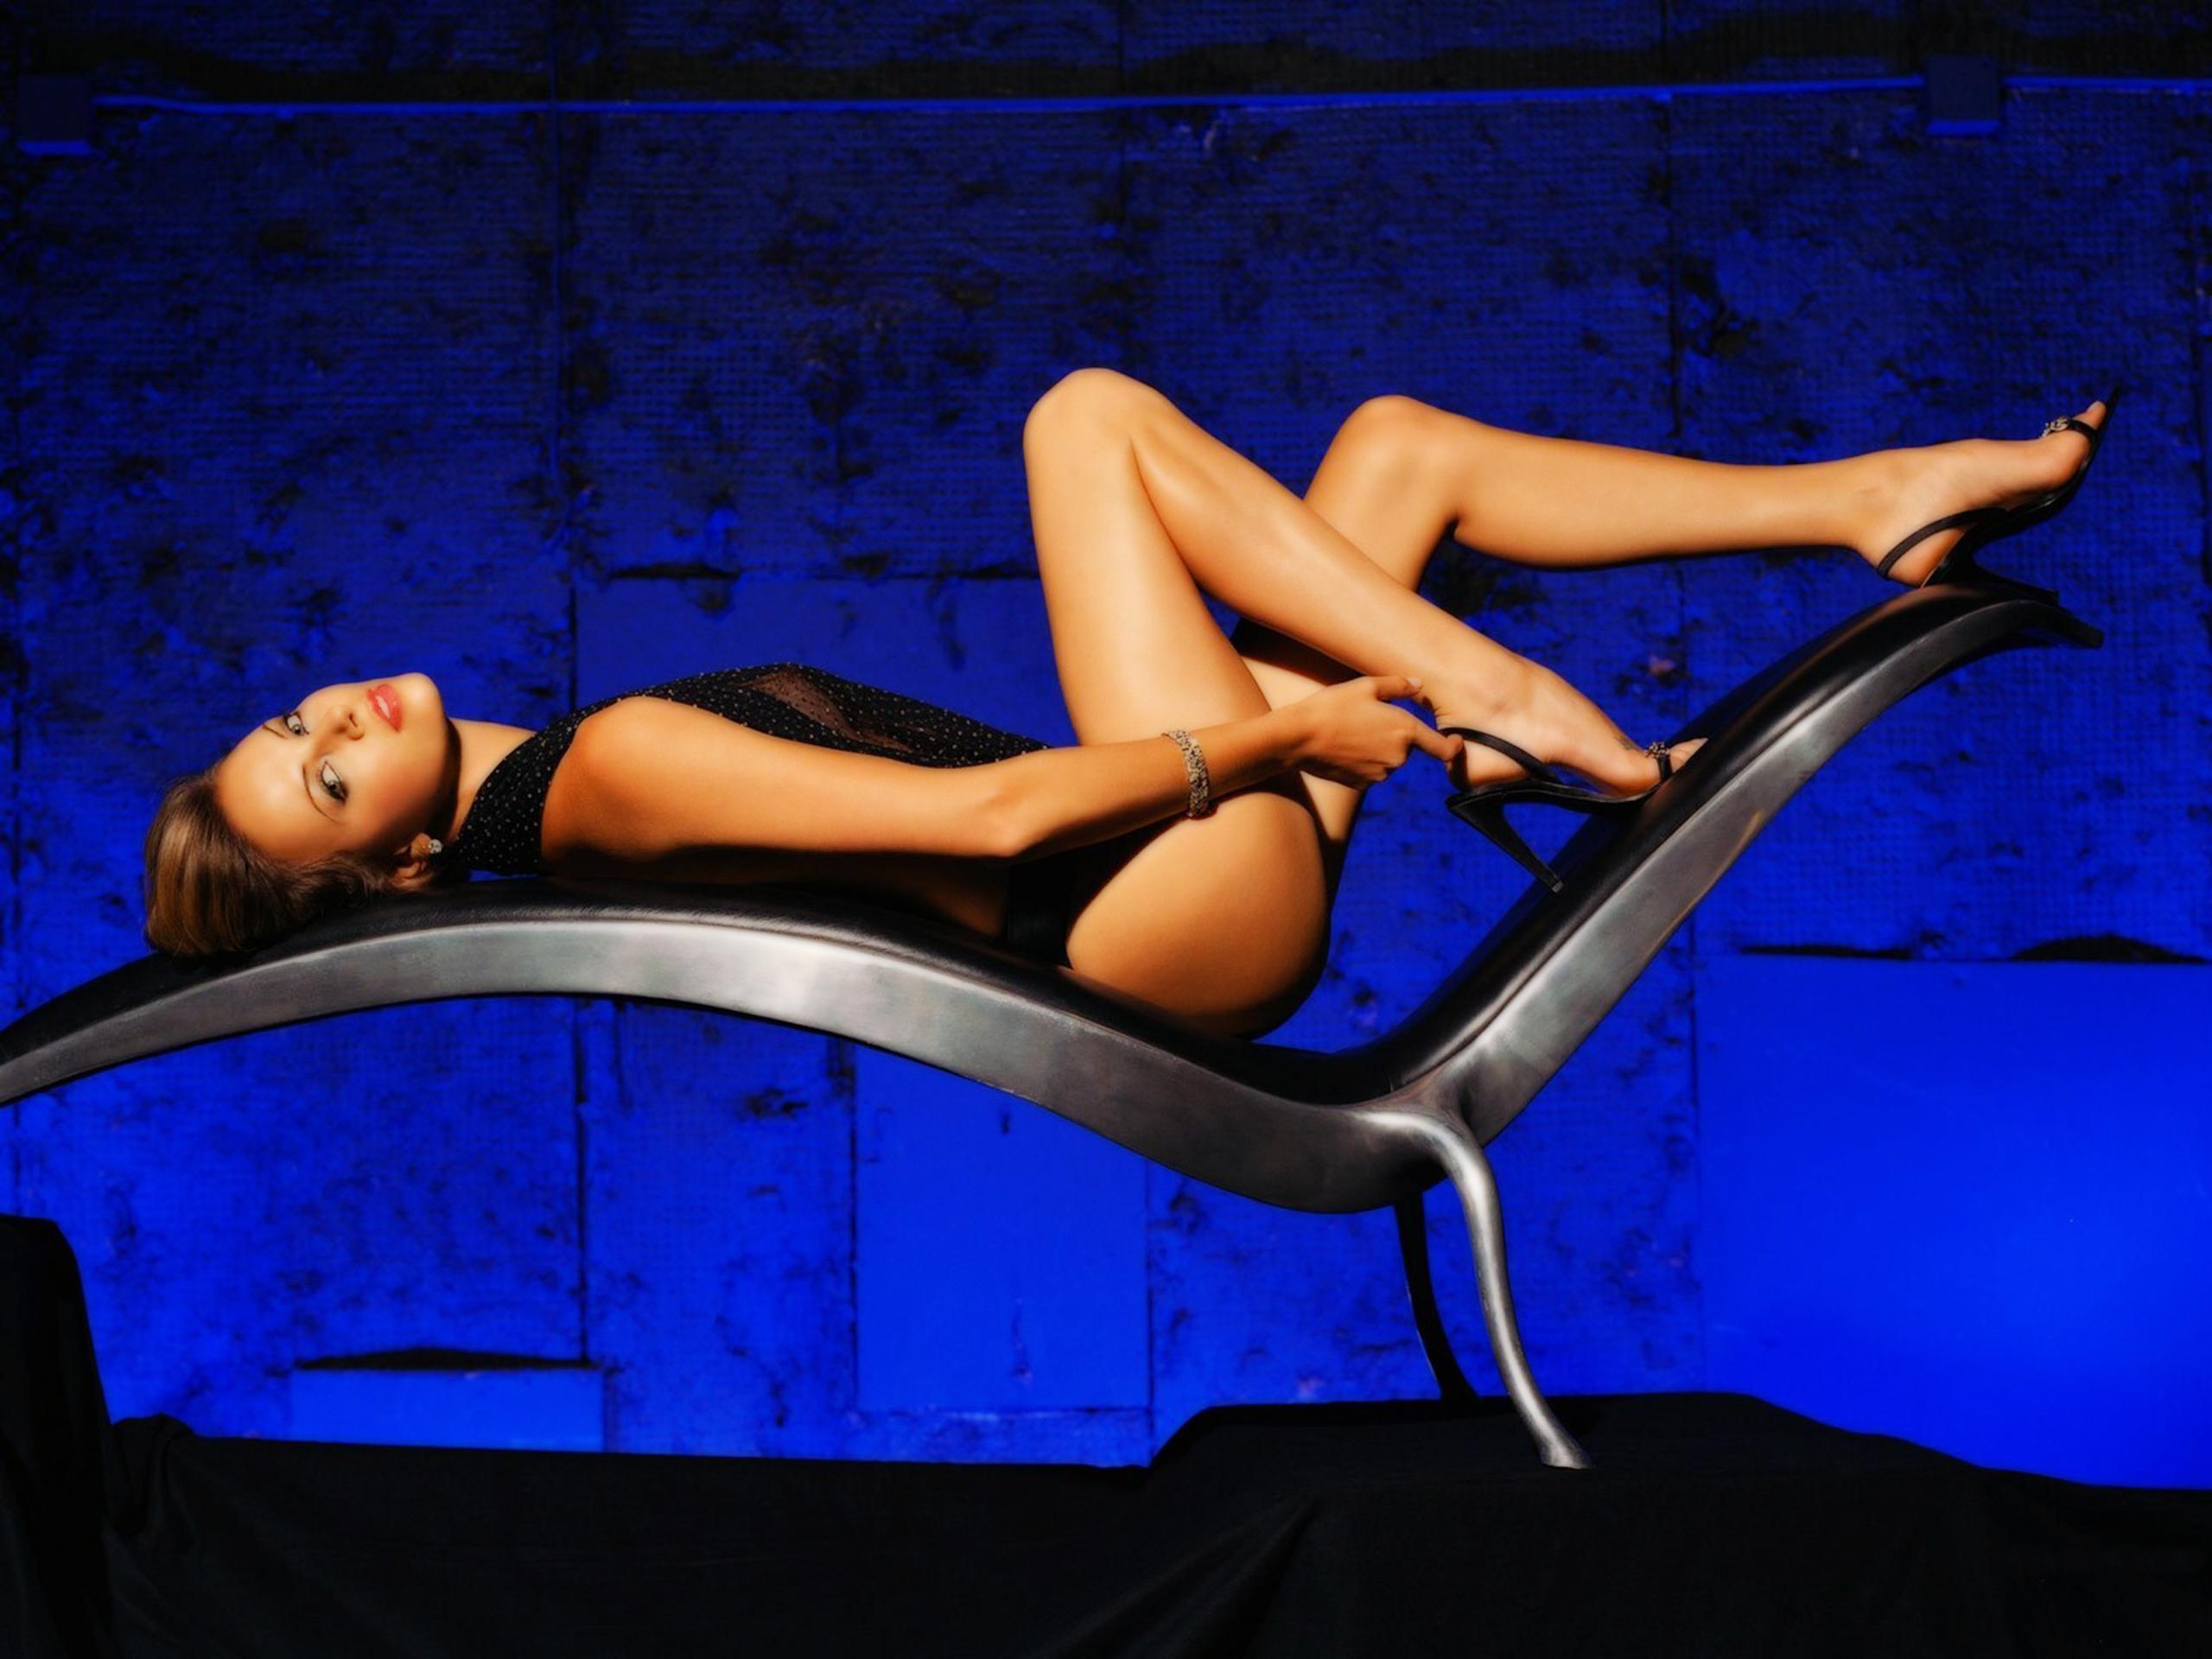 Сексуальные рамки для фото 19 фотография